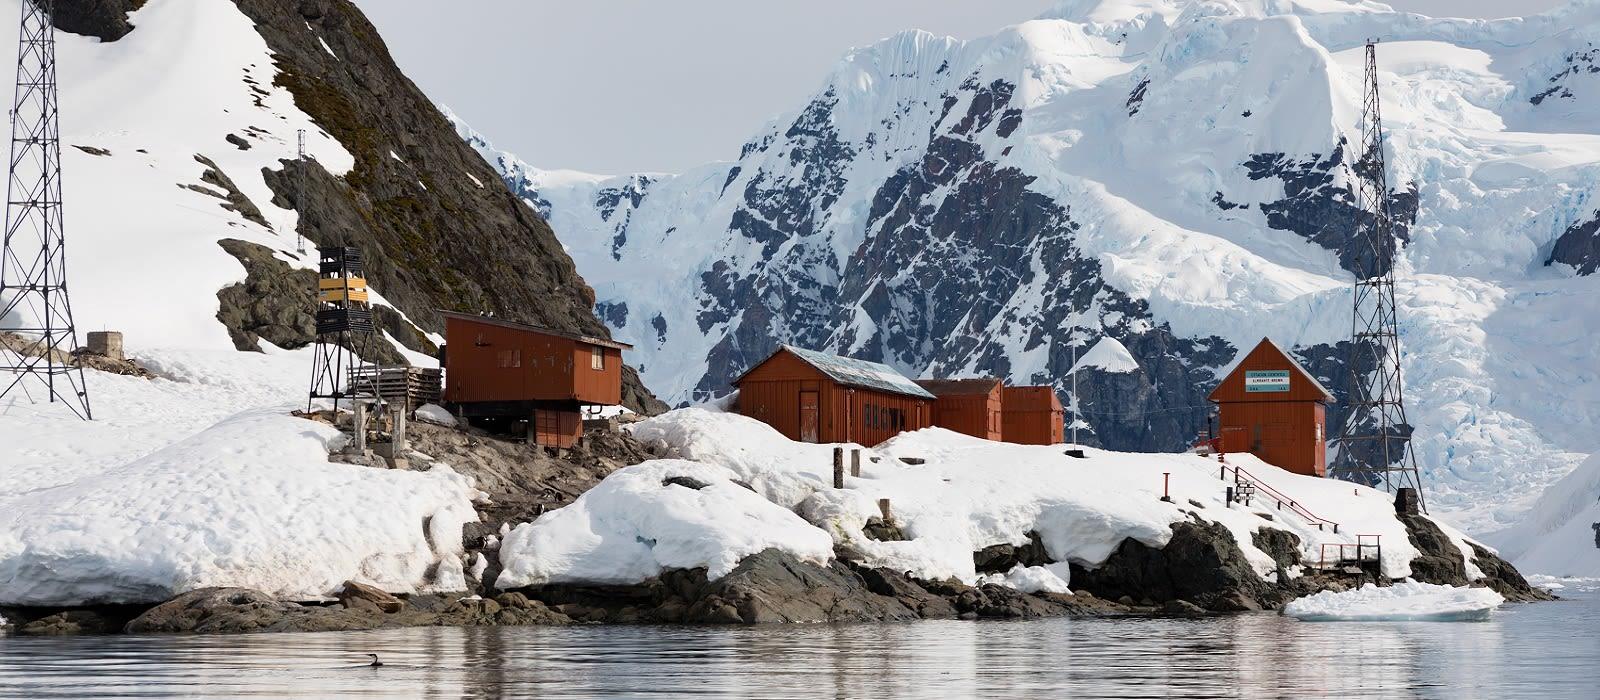 Abenteuer im Südlichen Ozean: Falkland Inseln und Antarktis Urlaub 5